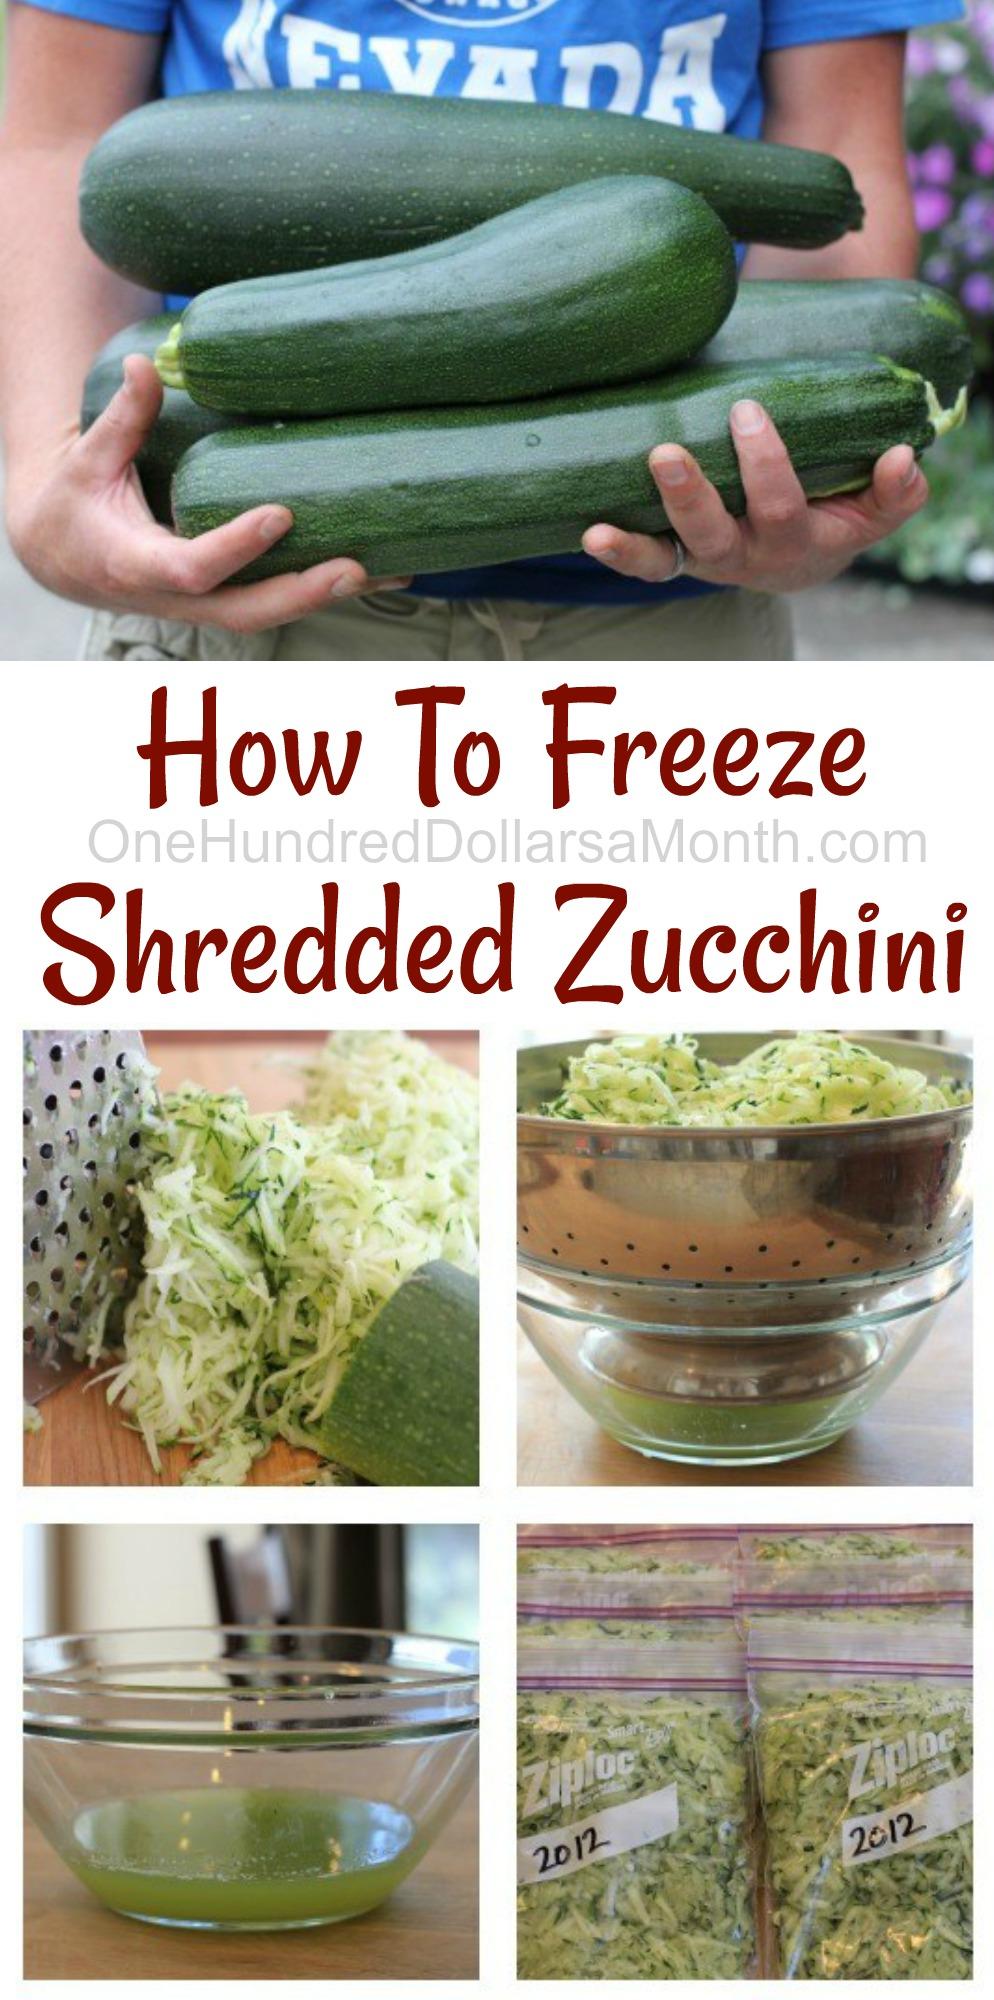 Mavis Garden Blog How To Freeze Shredded Zucchini e Hundred